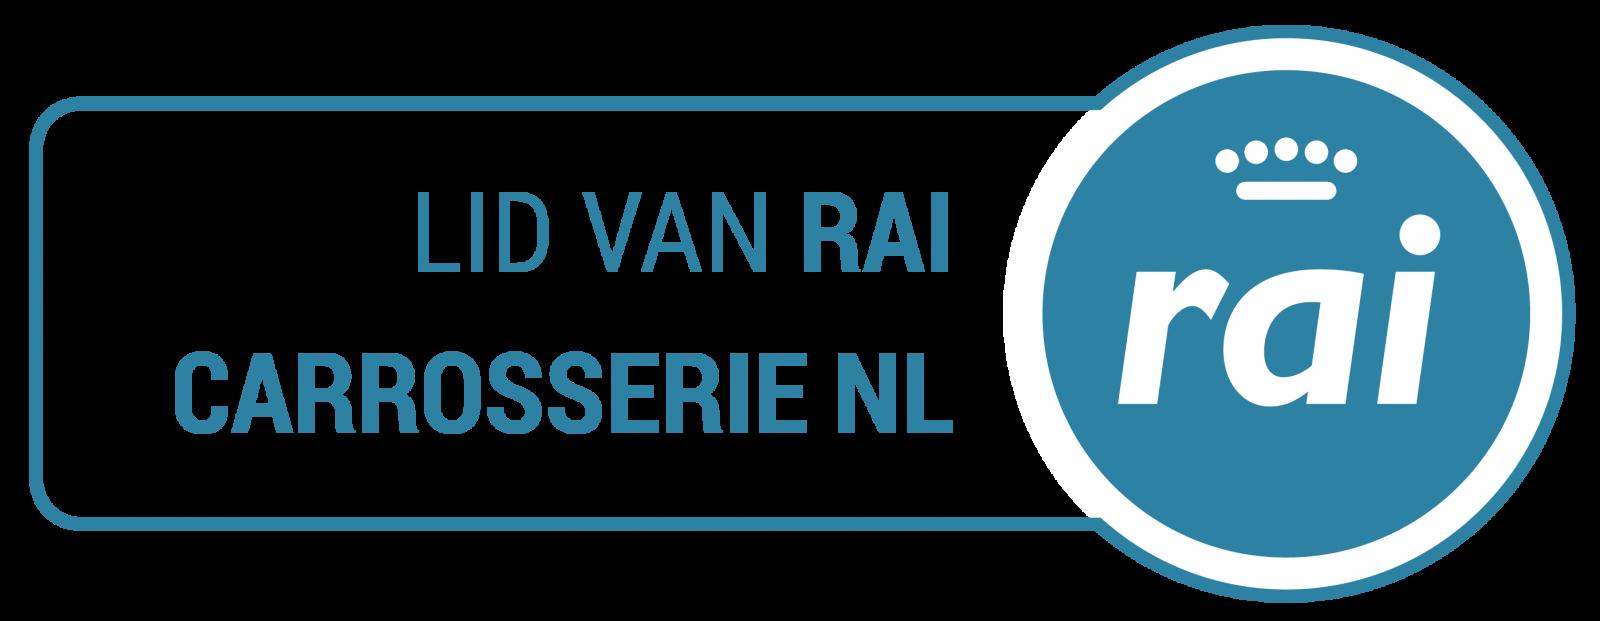 Carrosserie NL